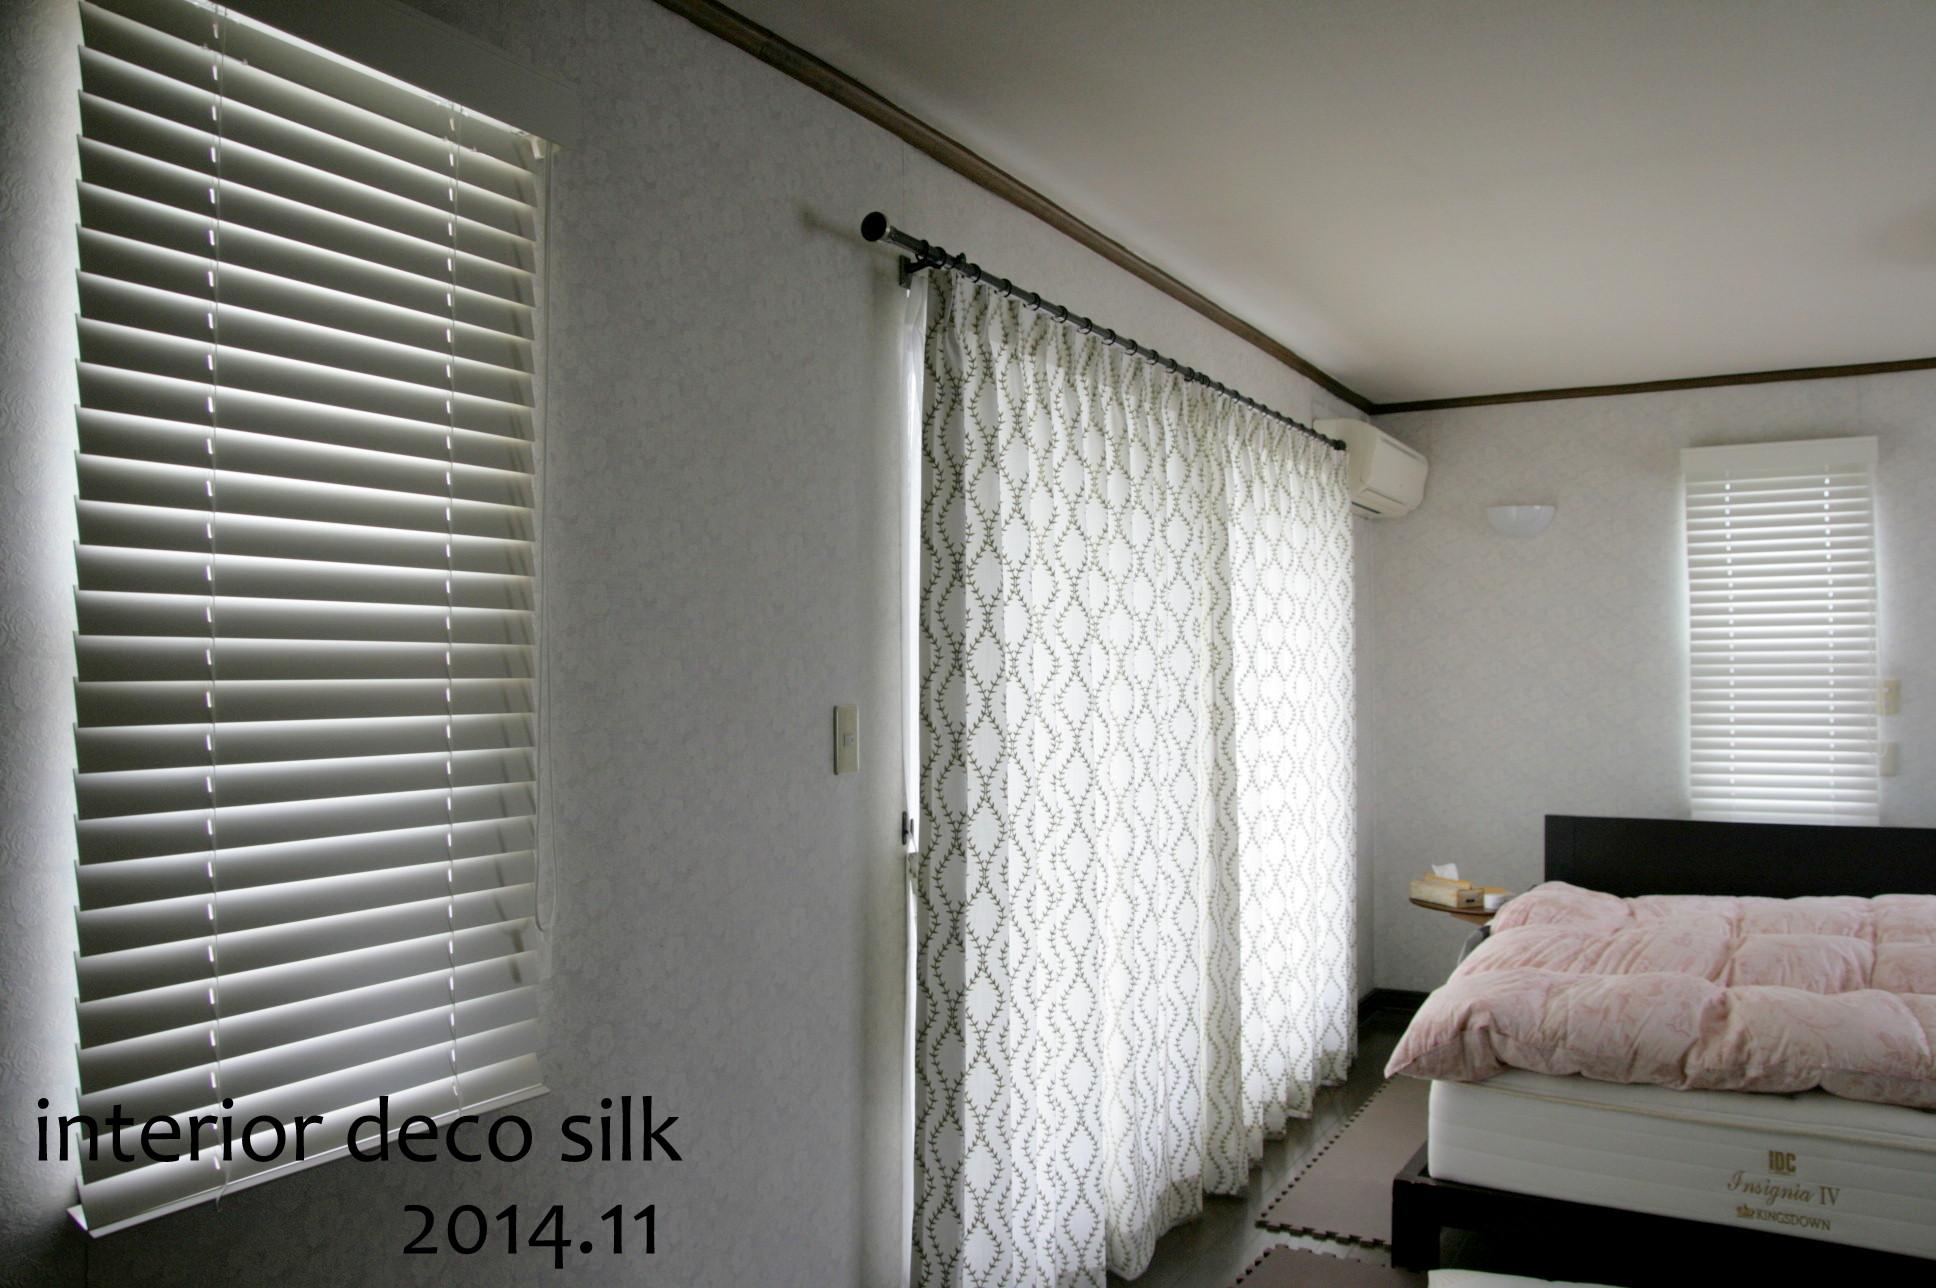 小窓の提案には、ウッドブラインドを組み合わせ